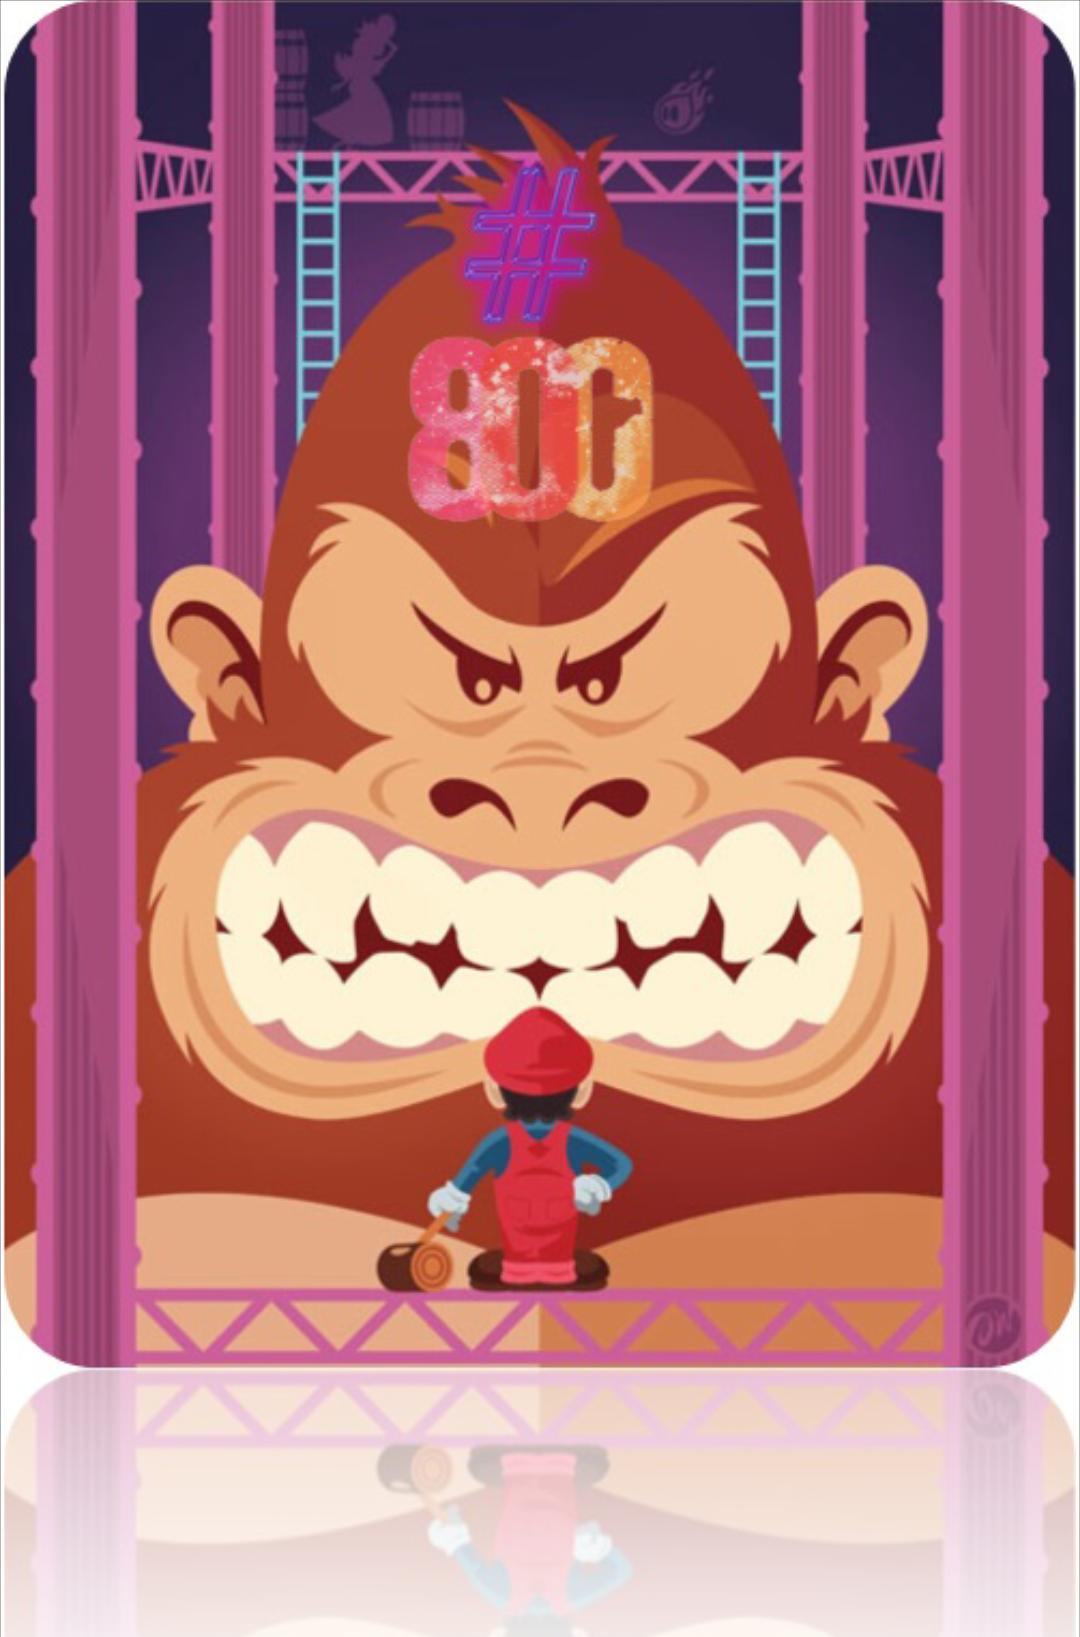 original donkey kong game free download